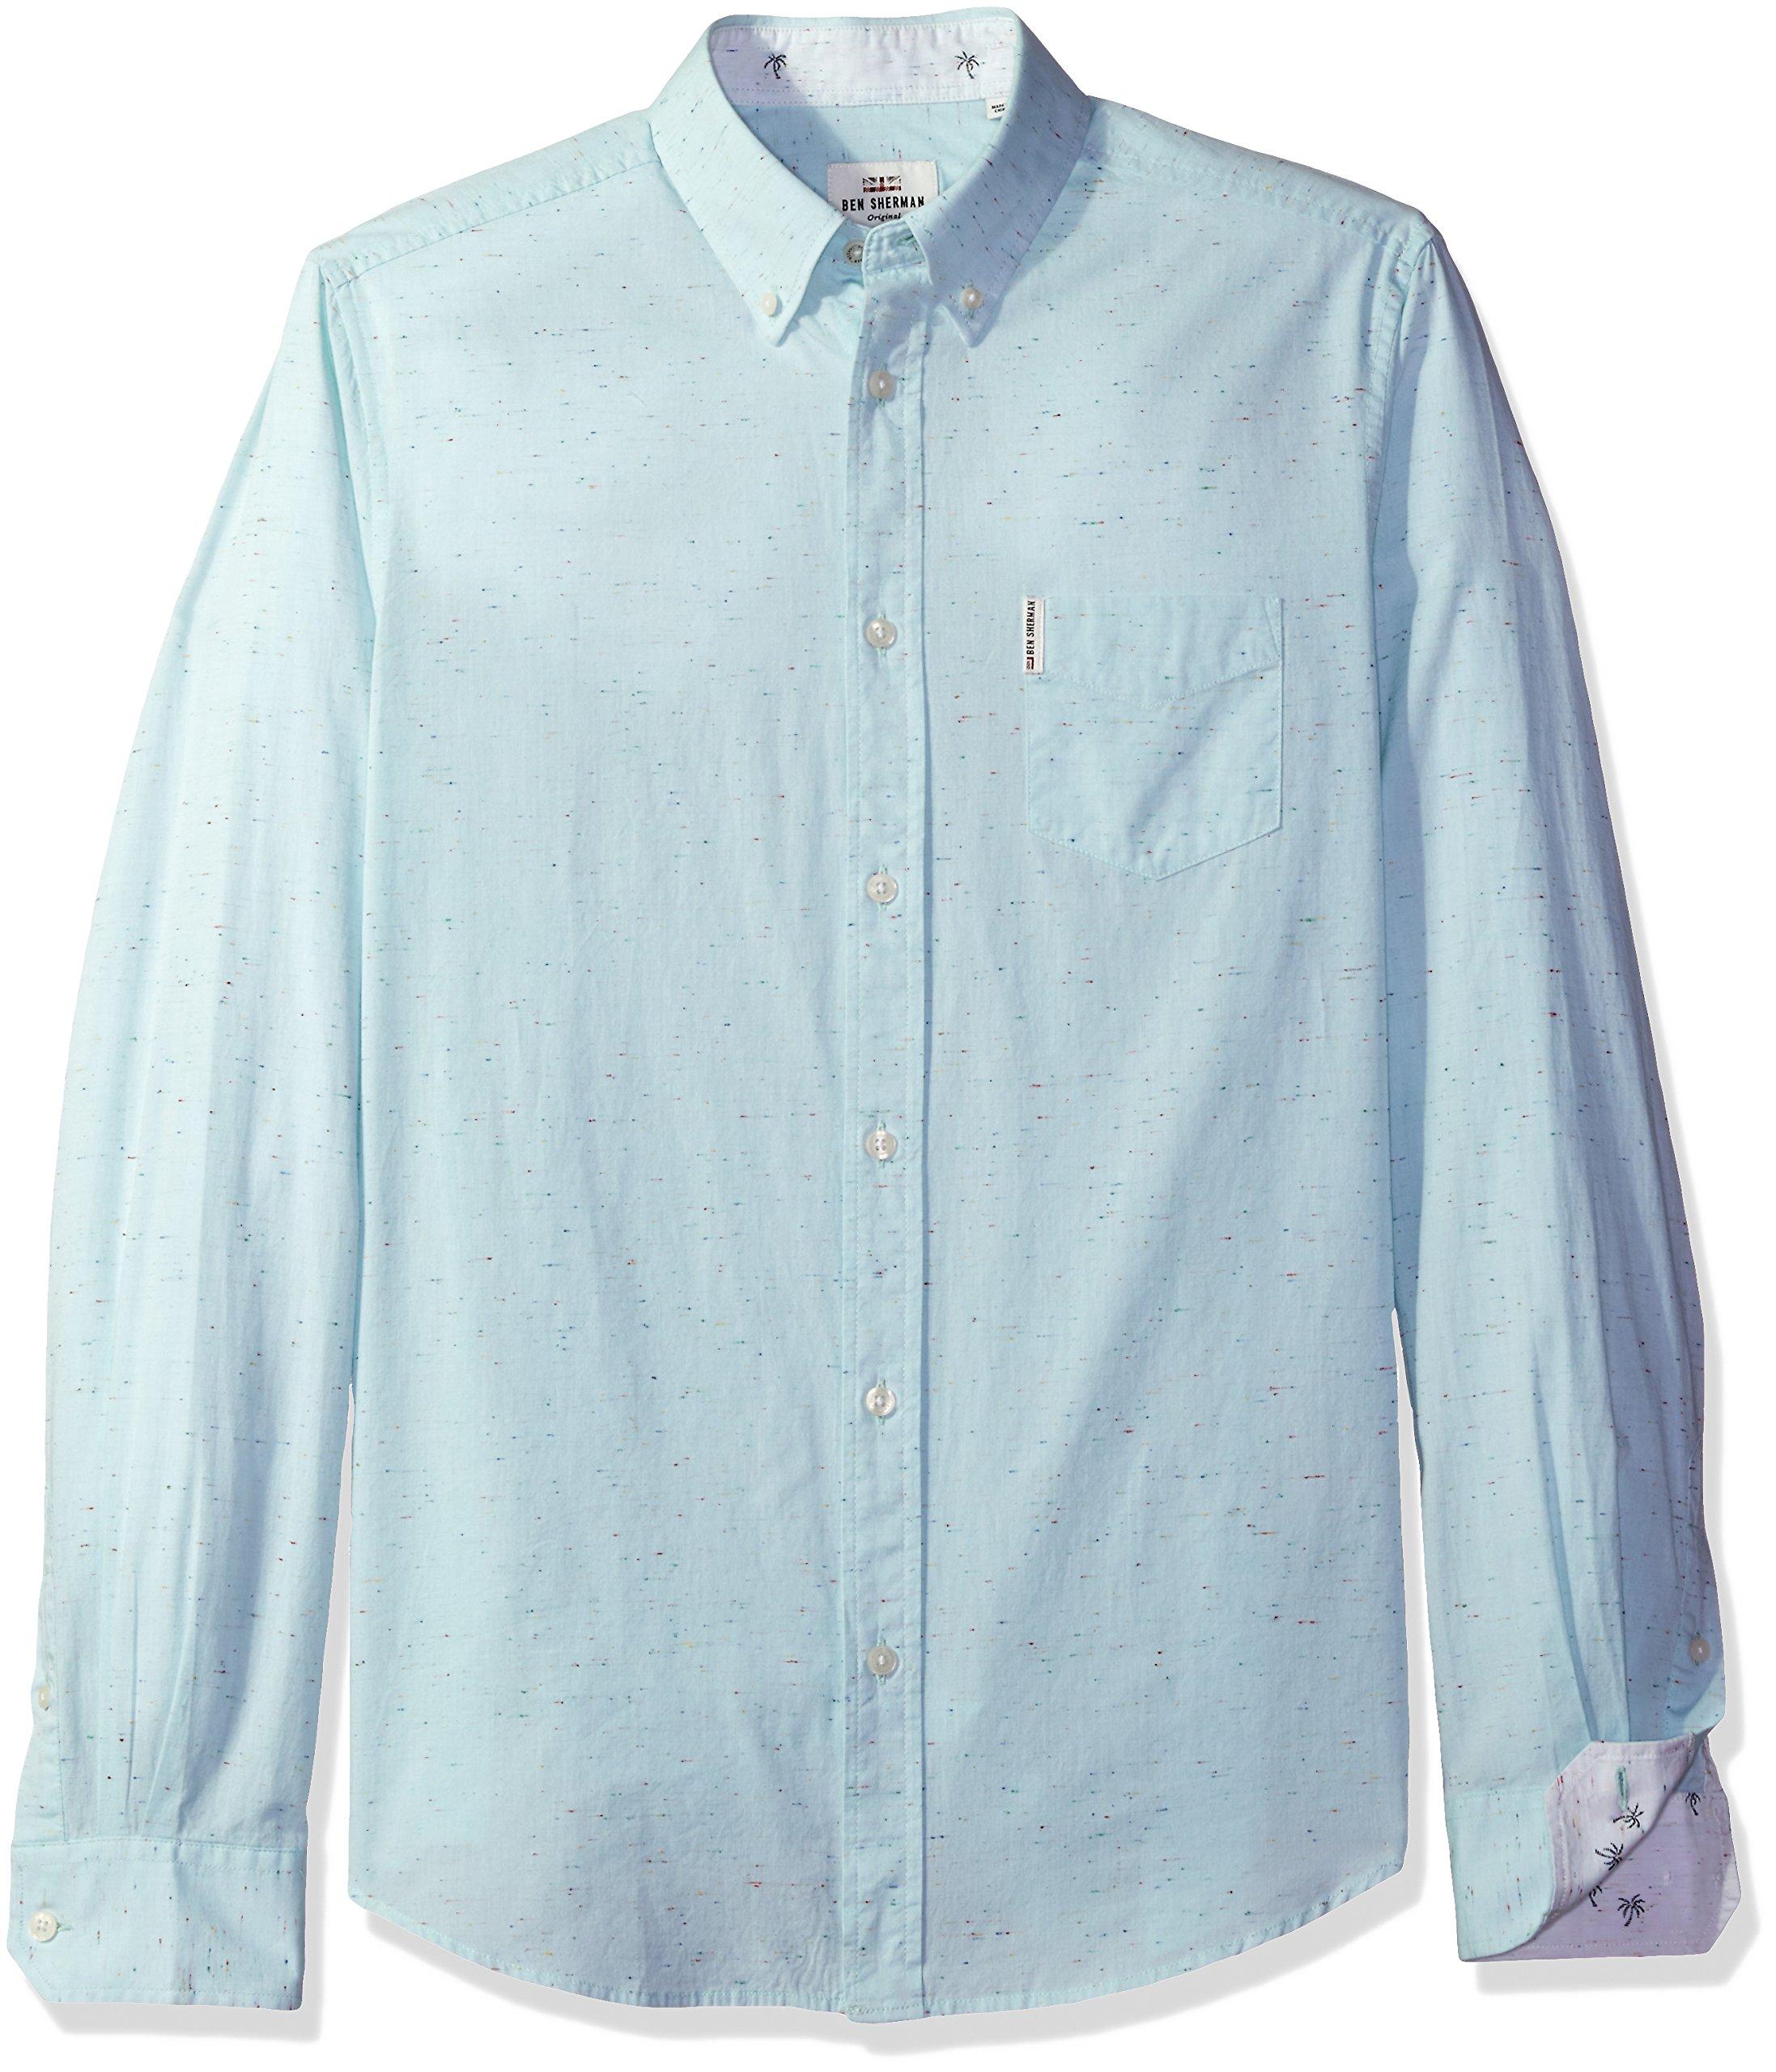 Ben Sherman Men's Woven Long Sleeve Summer Print Shirt, Mint, Medium